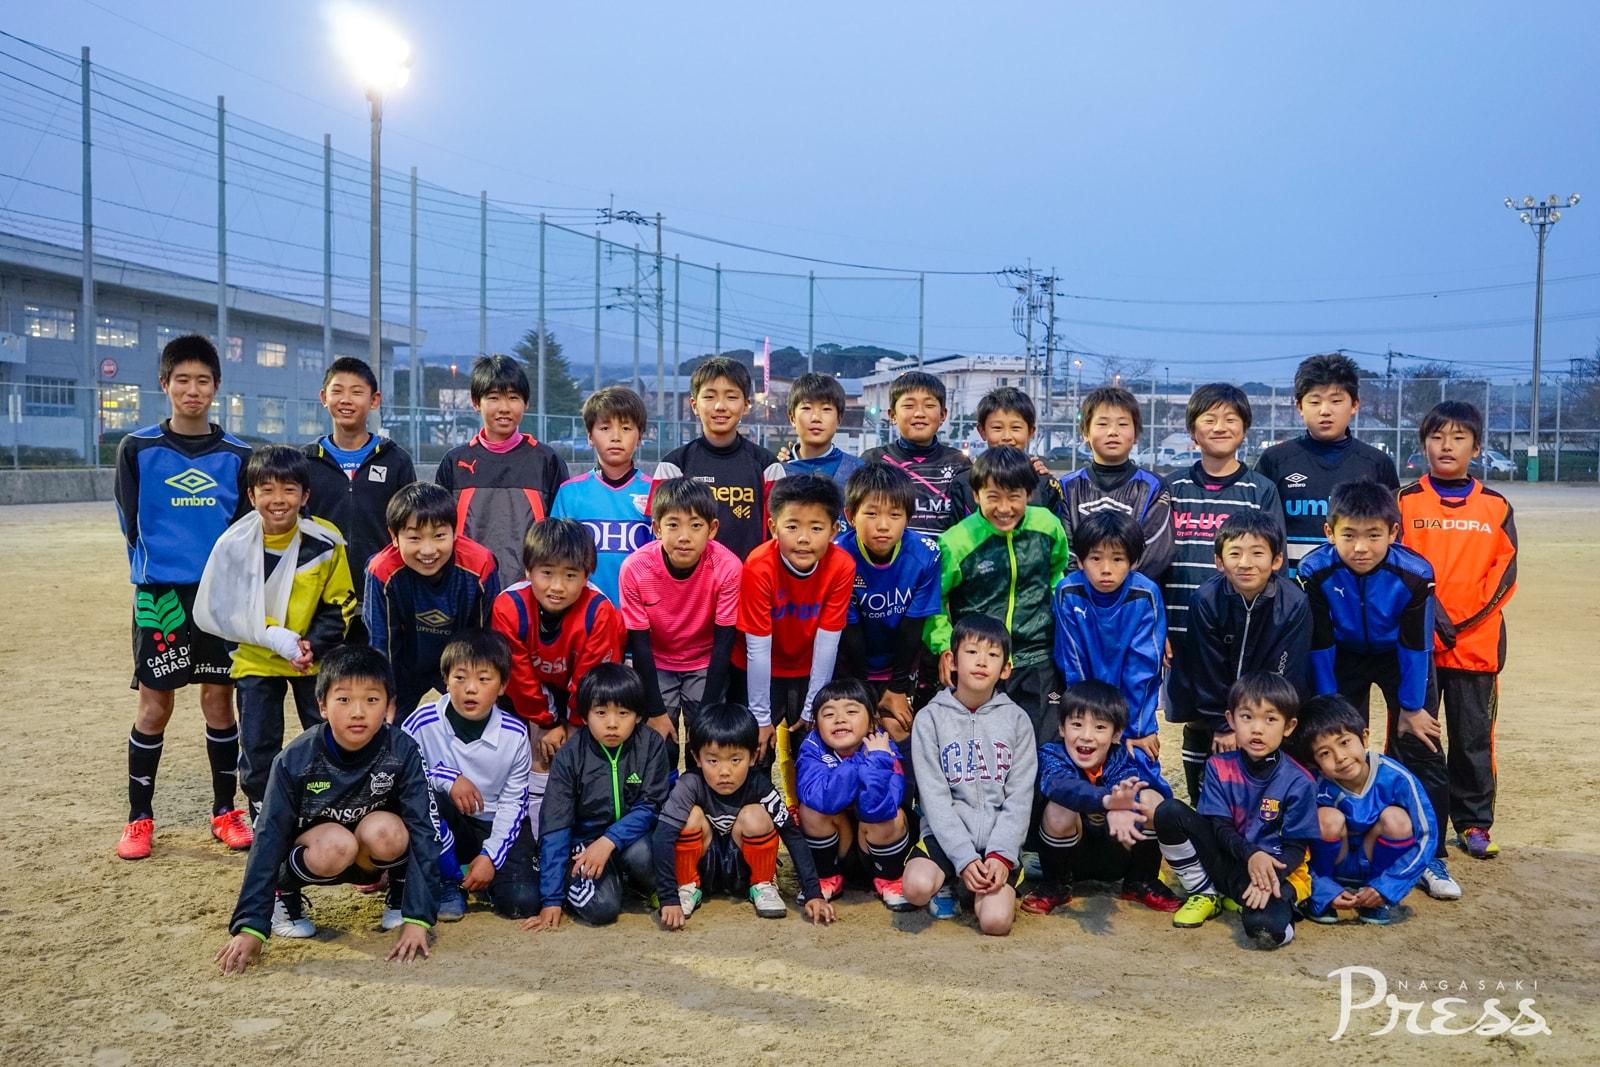 セレージャフットボールクラブ